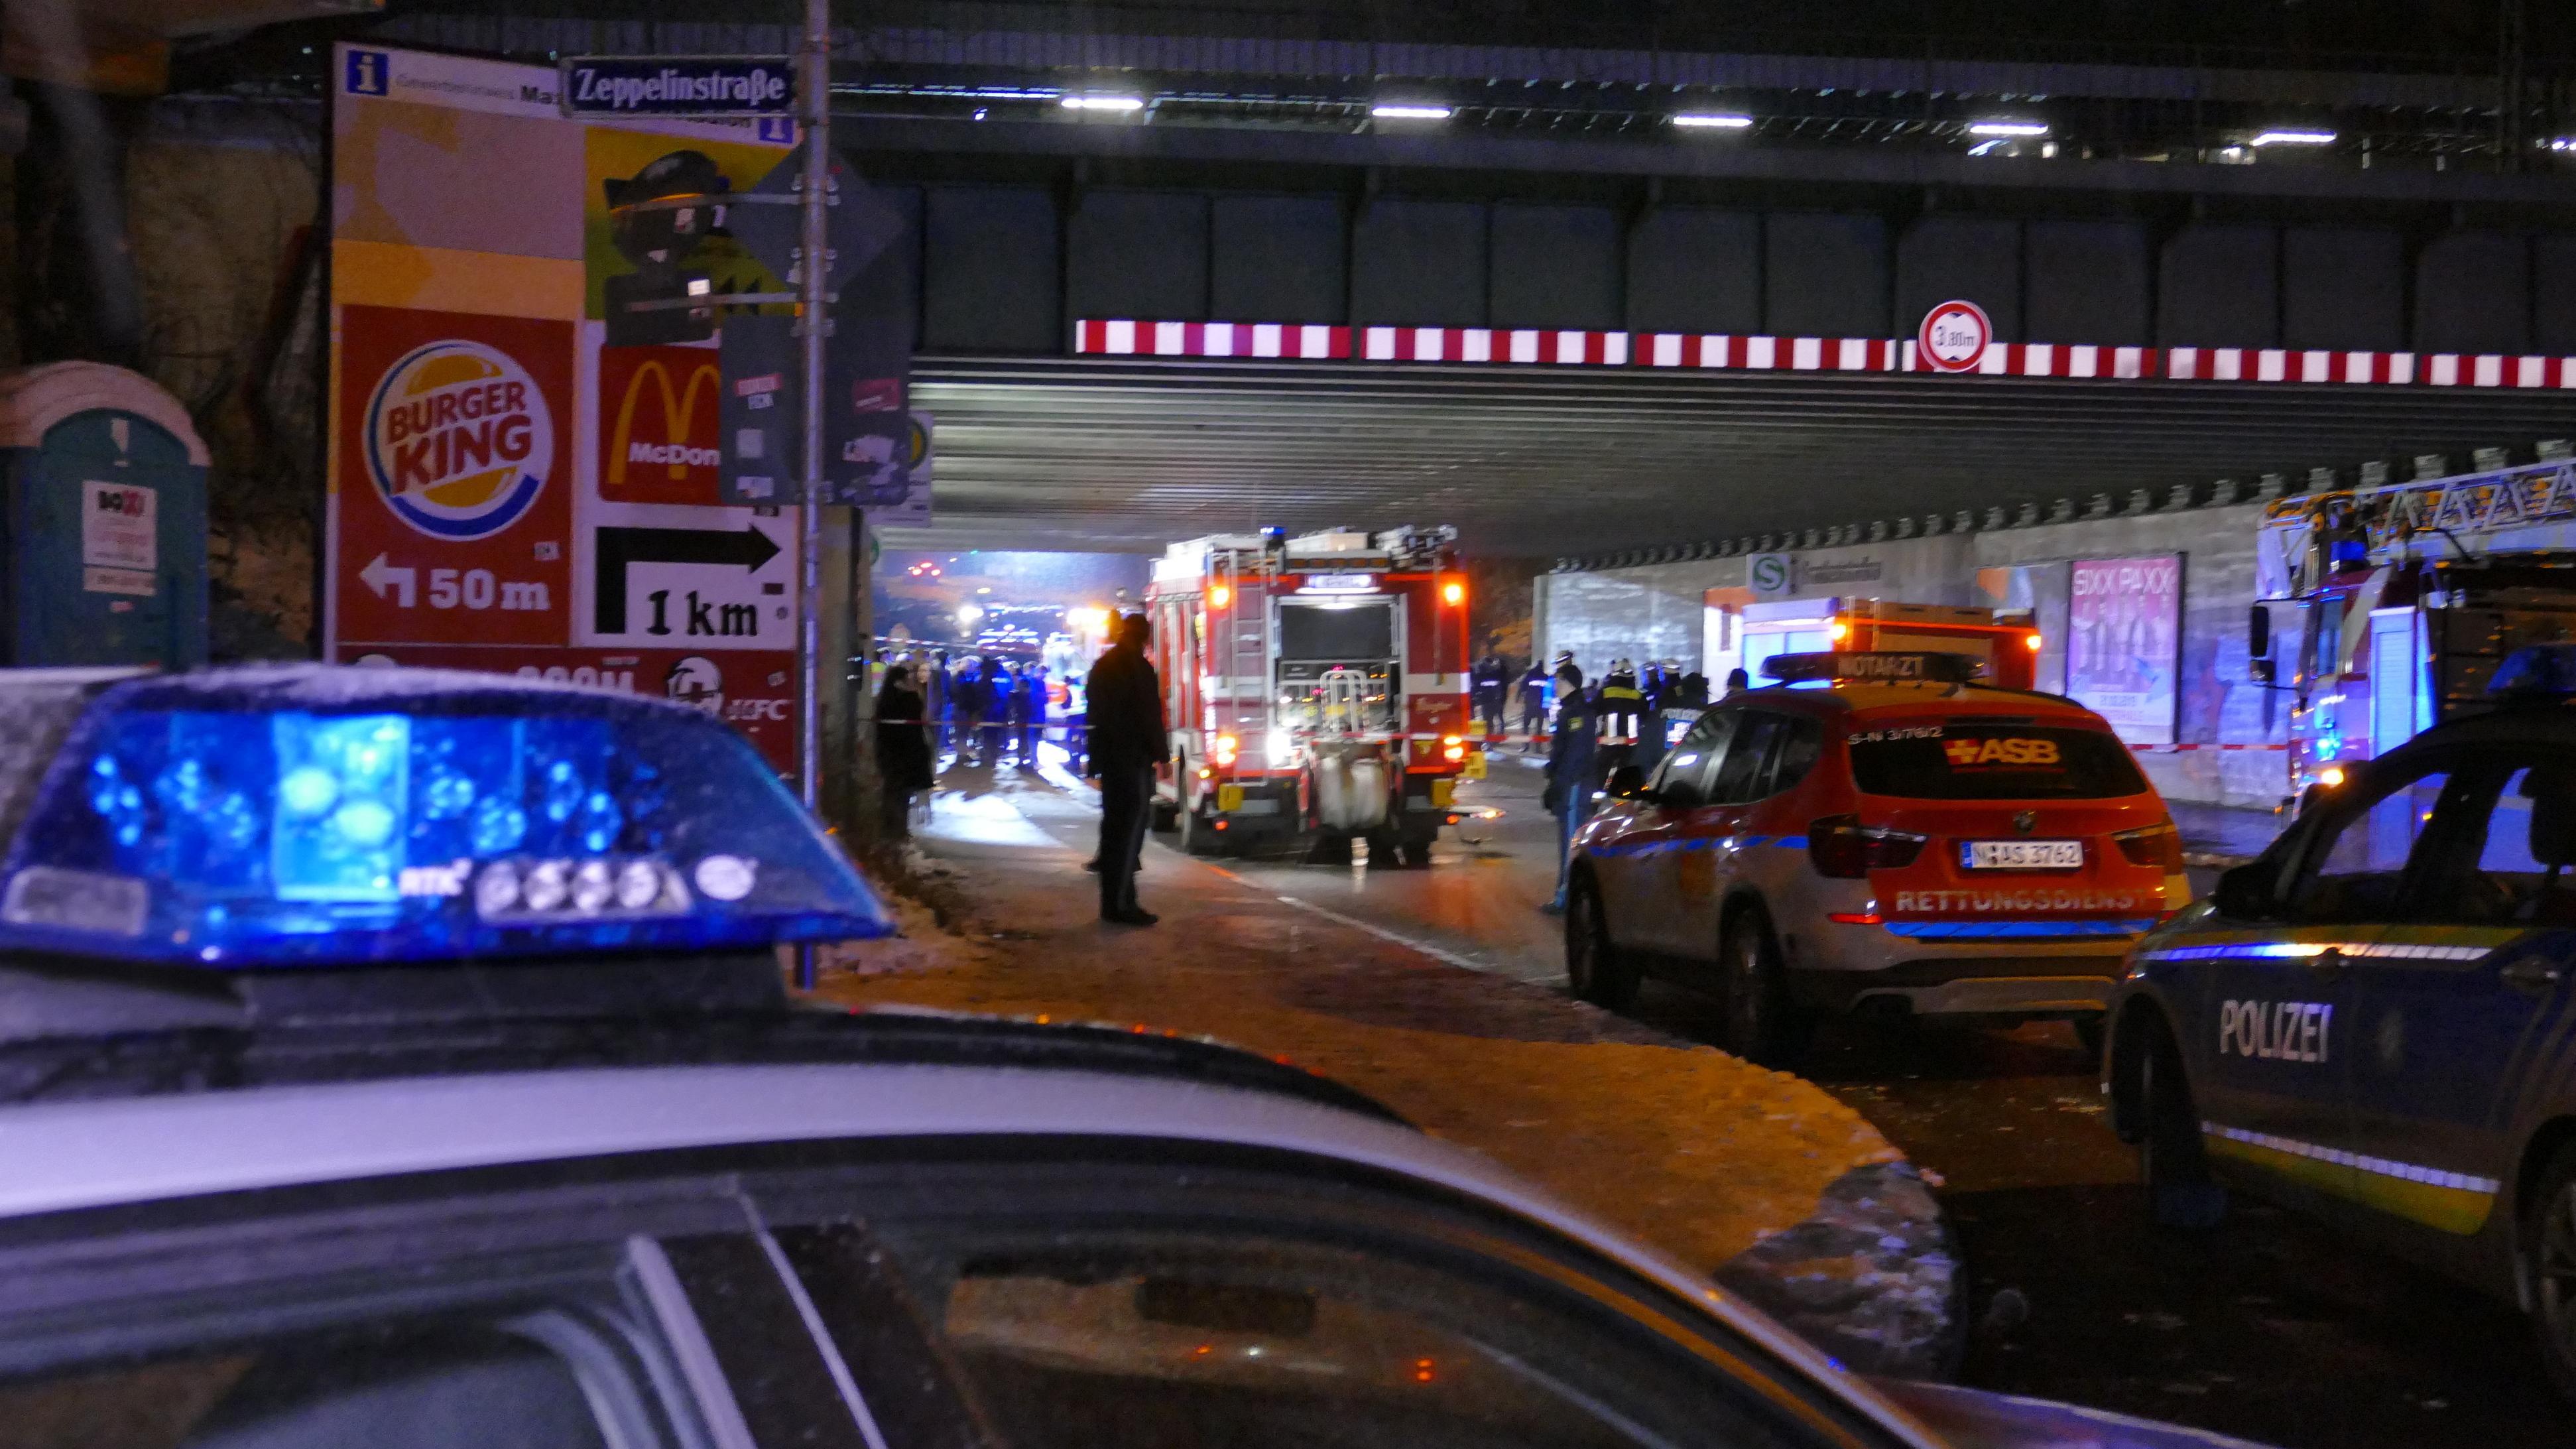 Festnahme nach tödlicher Auseinandersetzung in Nürnberg